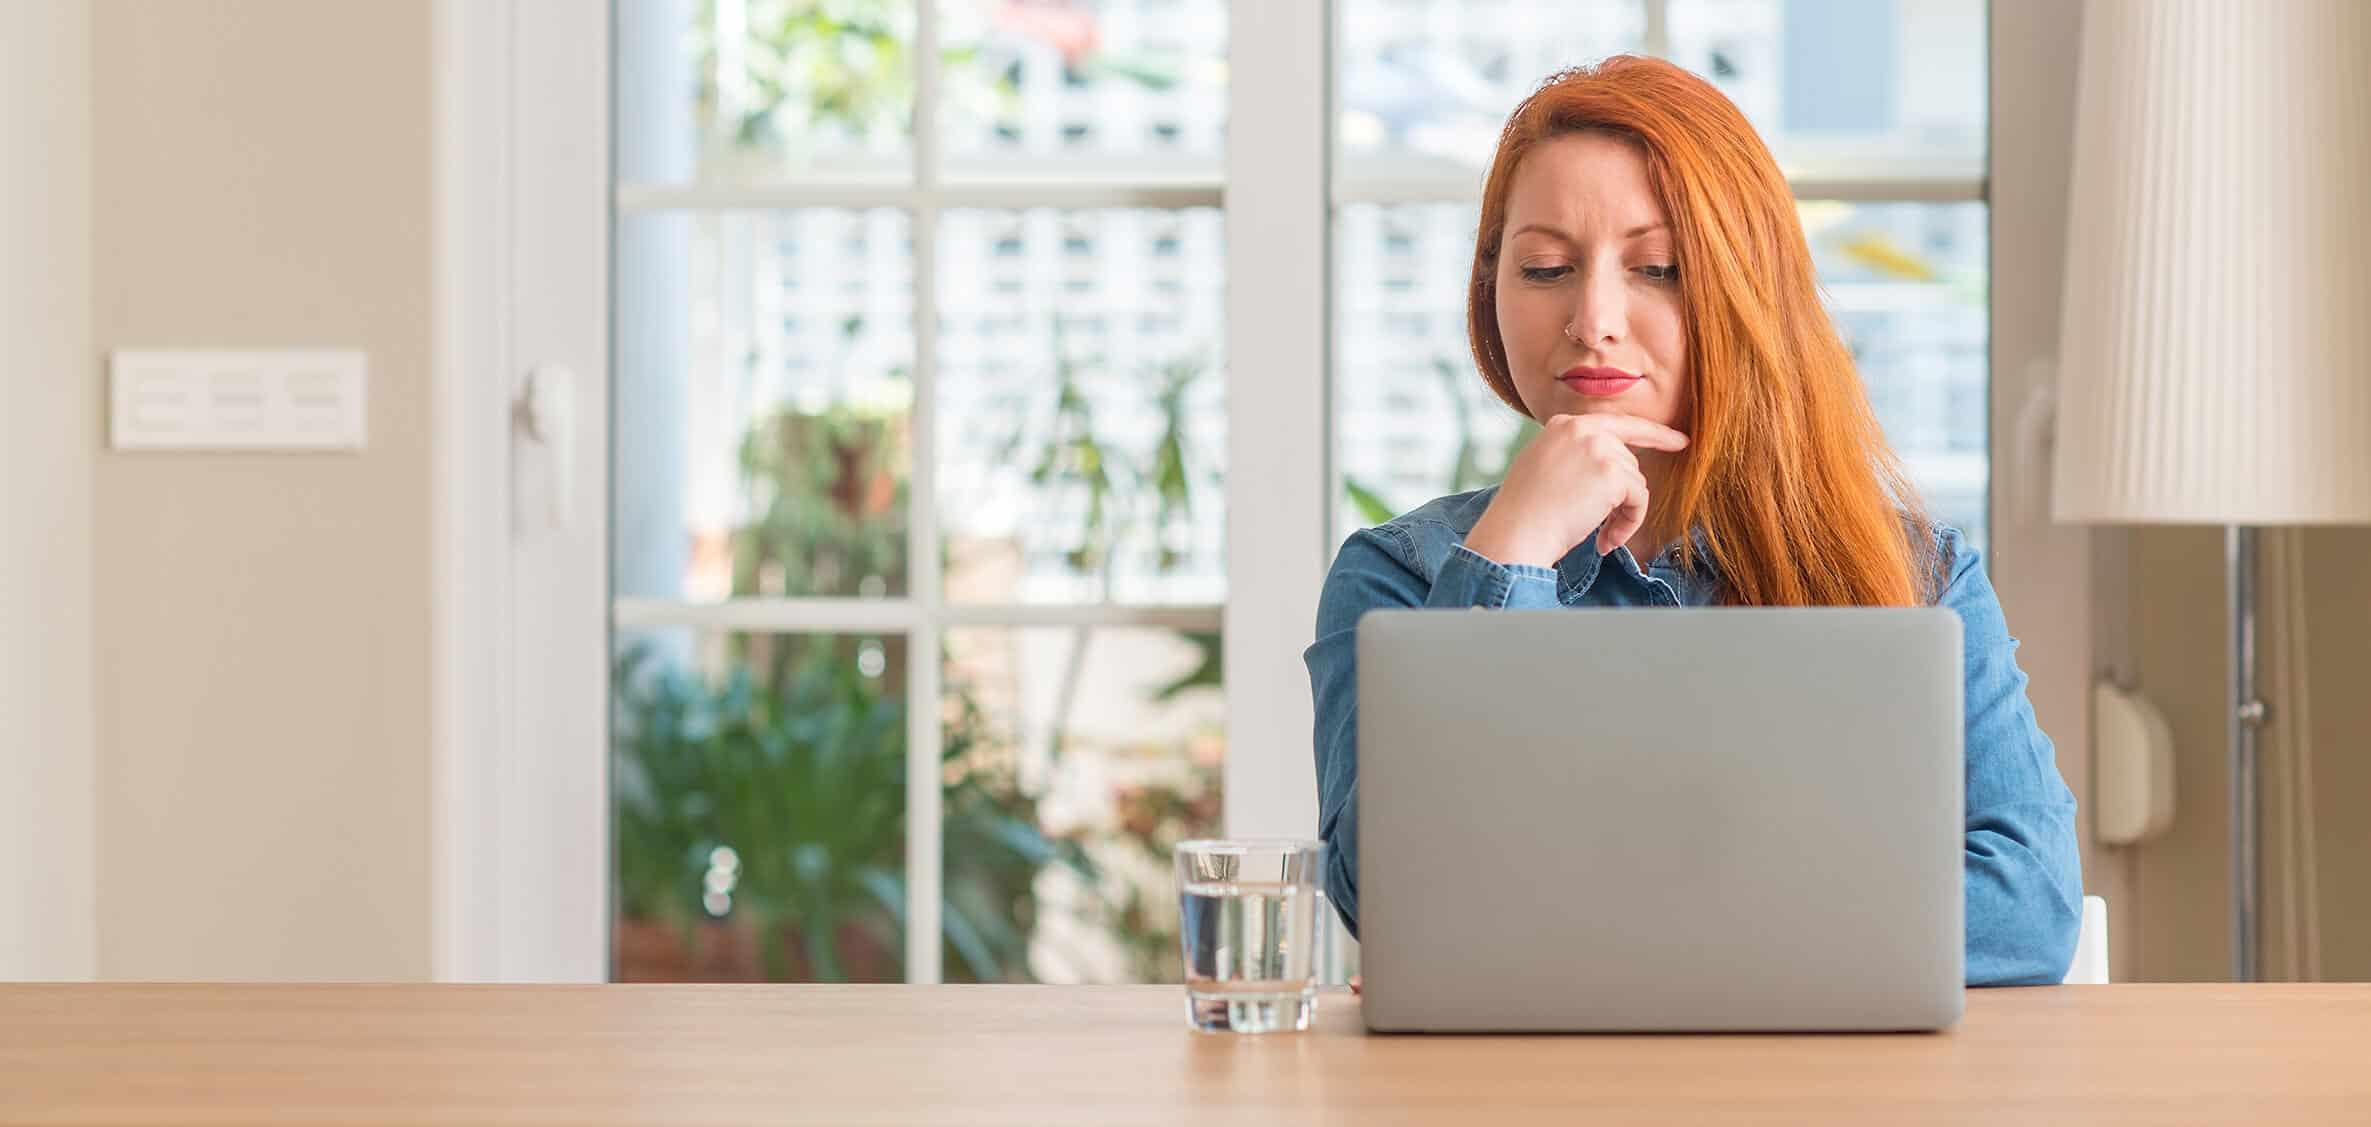 Dame rood haar achter laptop vrouw oranje haar met neuspiercing finzie website